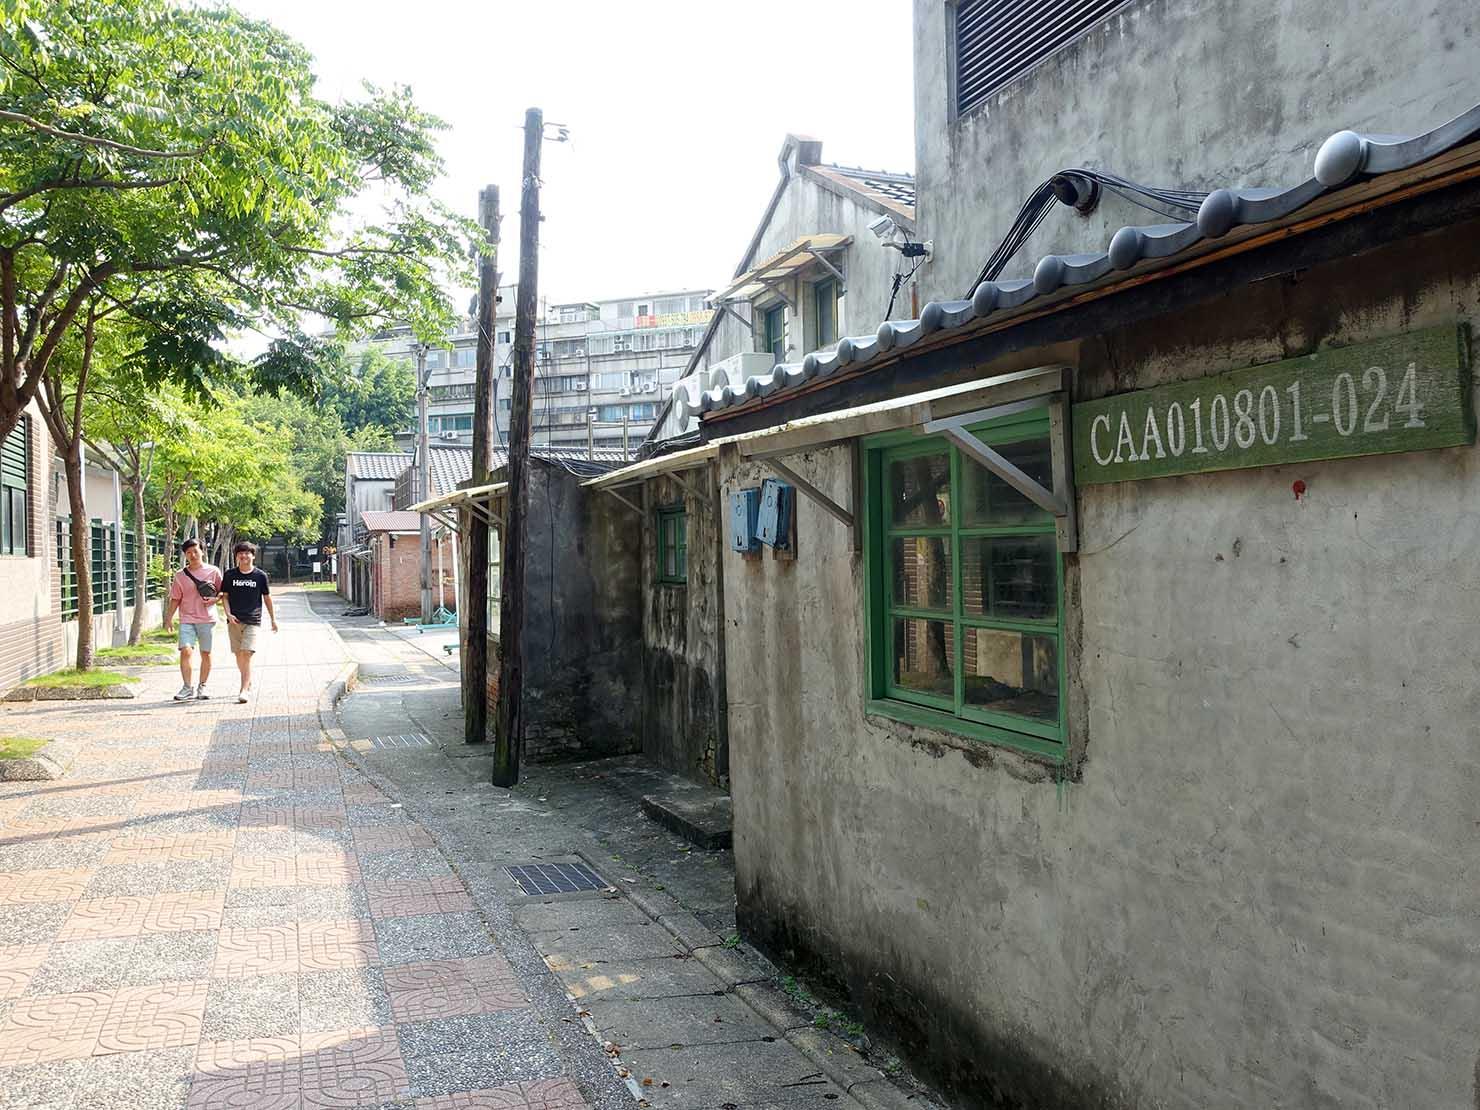 台北101エリアのフォトジェニックスポット「四四南村」の通り